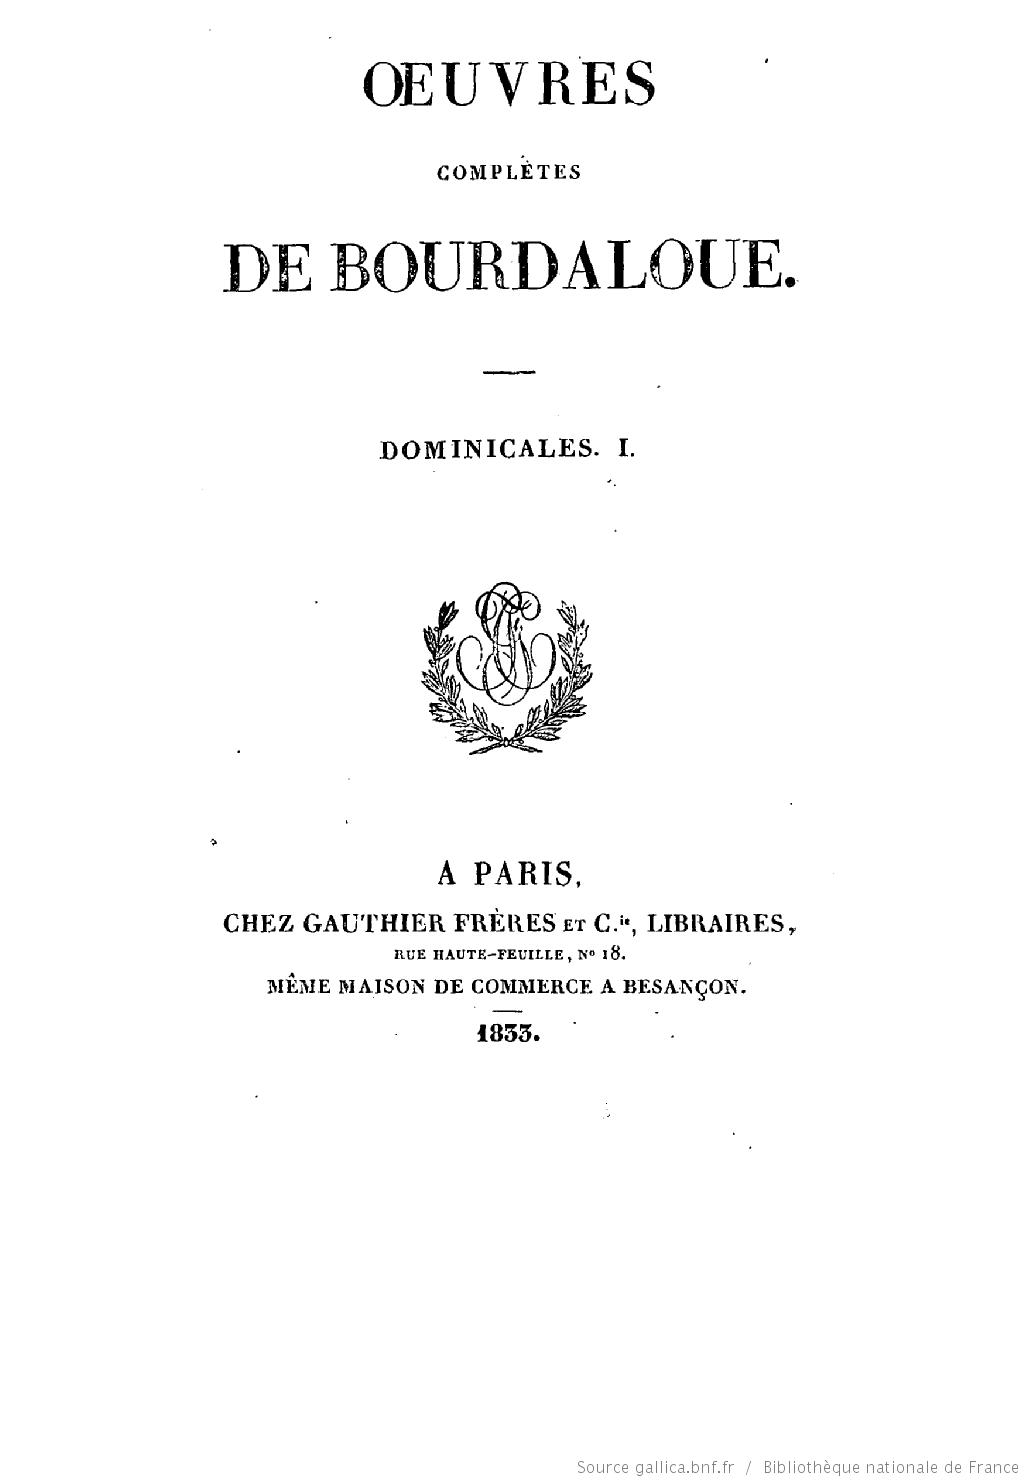 Oeuvres complètes de Bourdaloue. 5 / (précédées d'une notice sur la vie et les oeuvres de Bourdaloue, par J. Labouderie et de la préf. du P. Bretonneau)